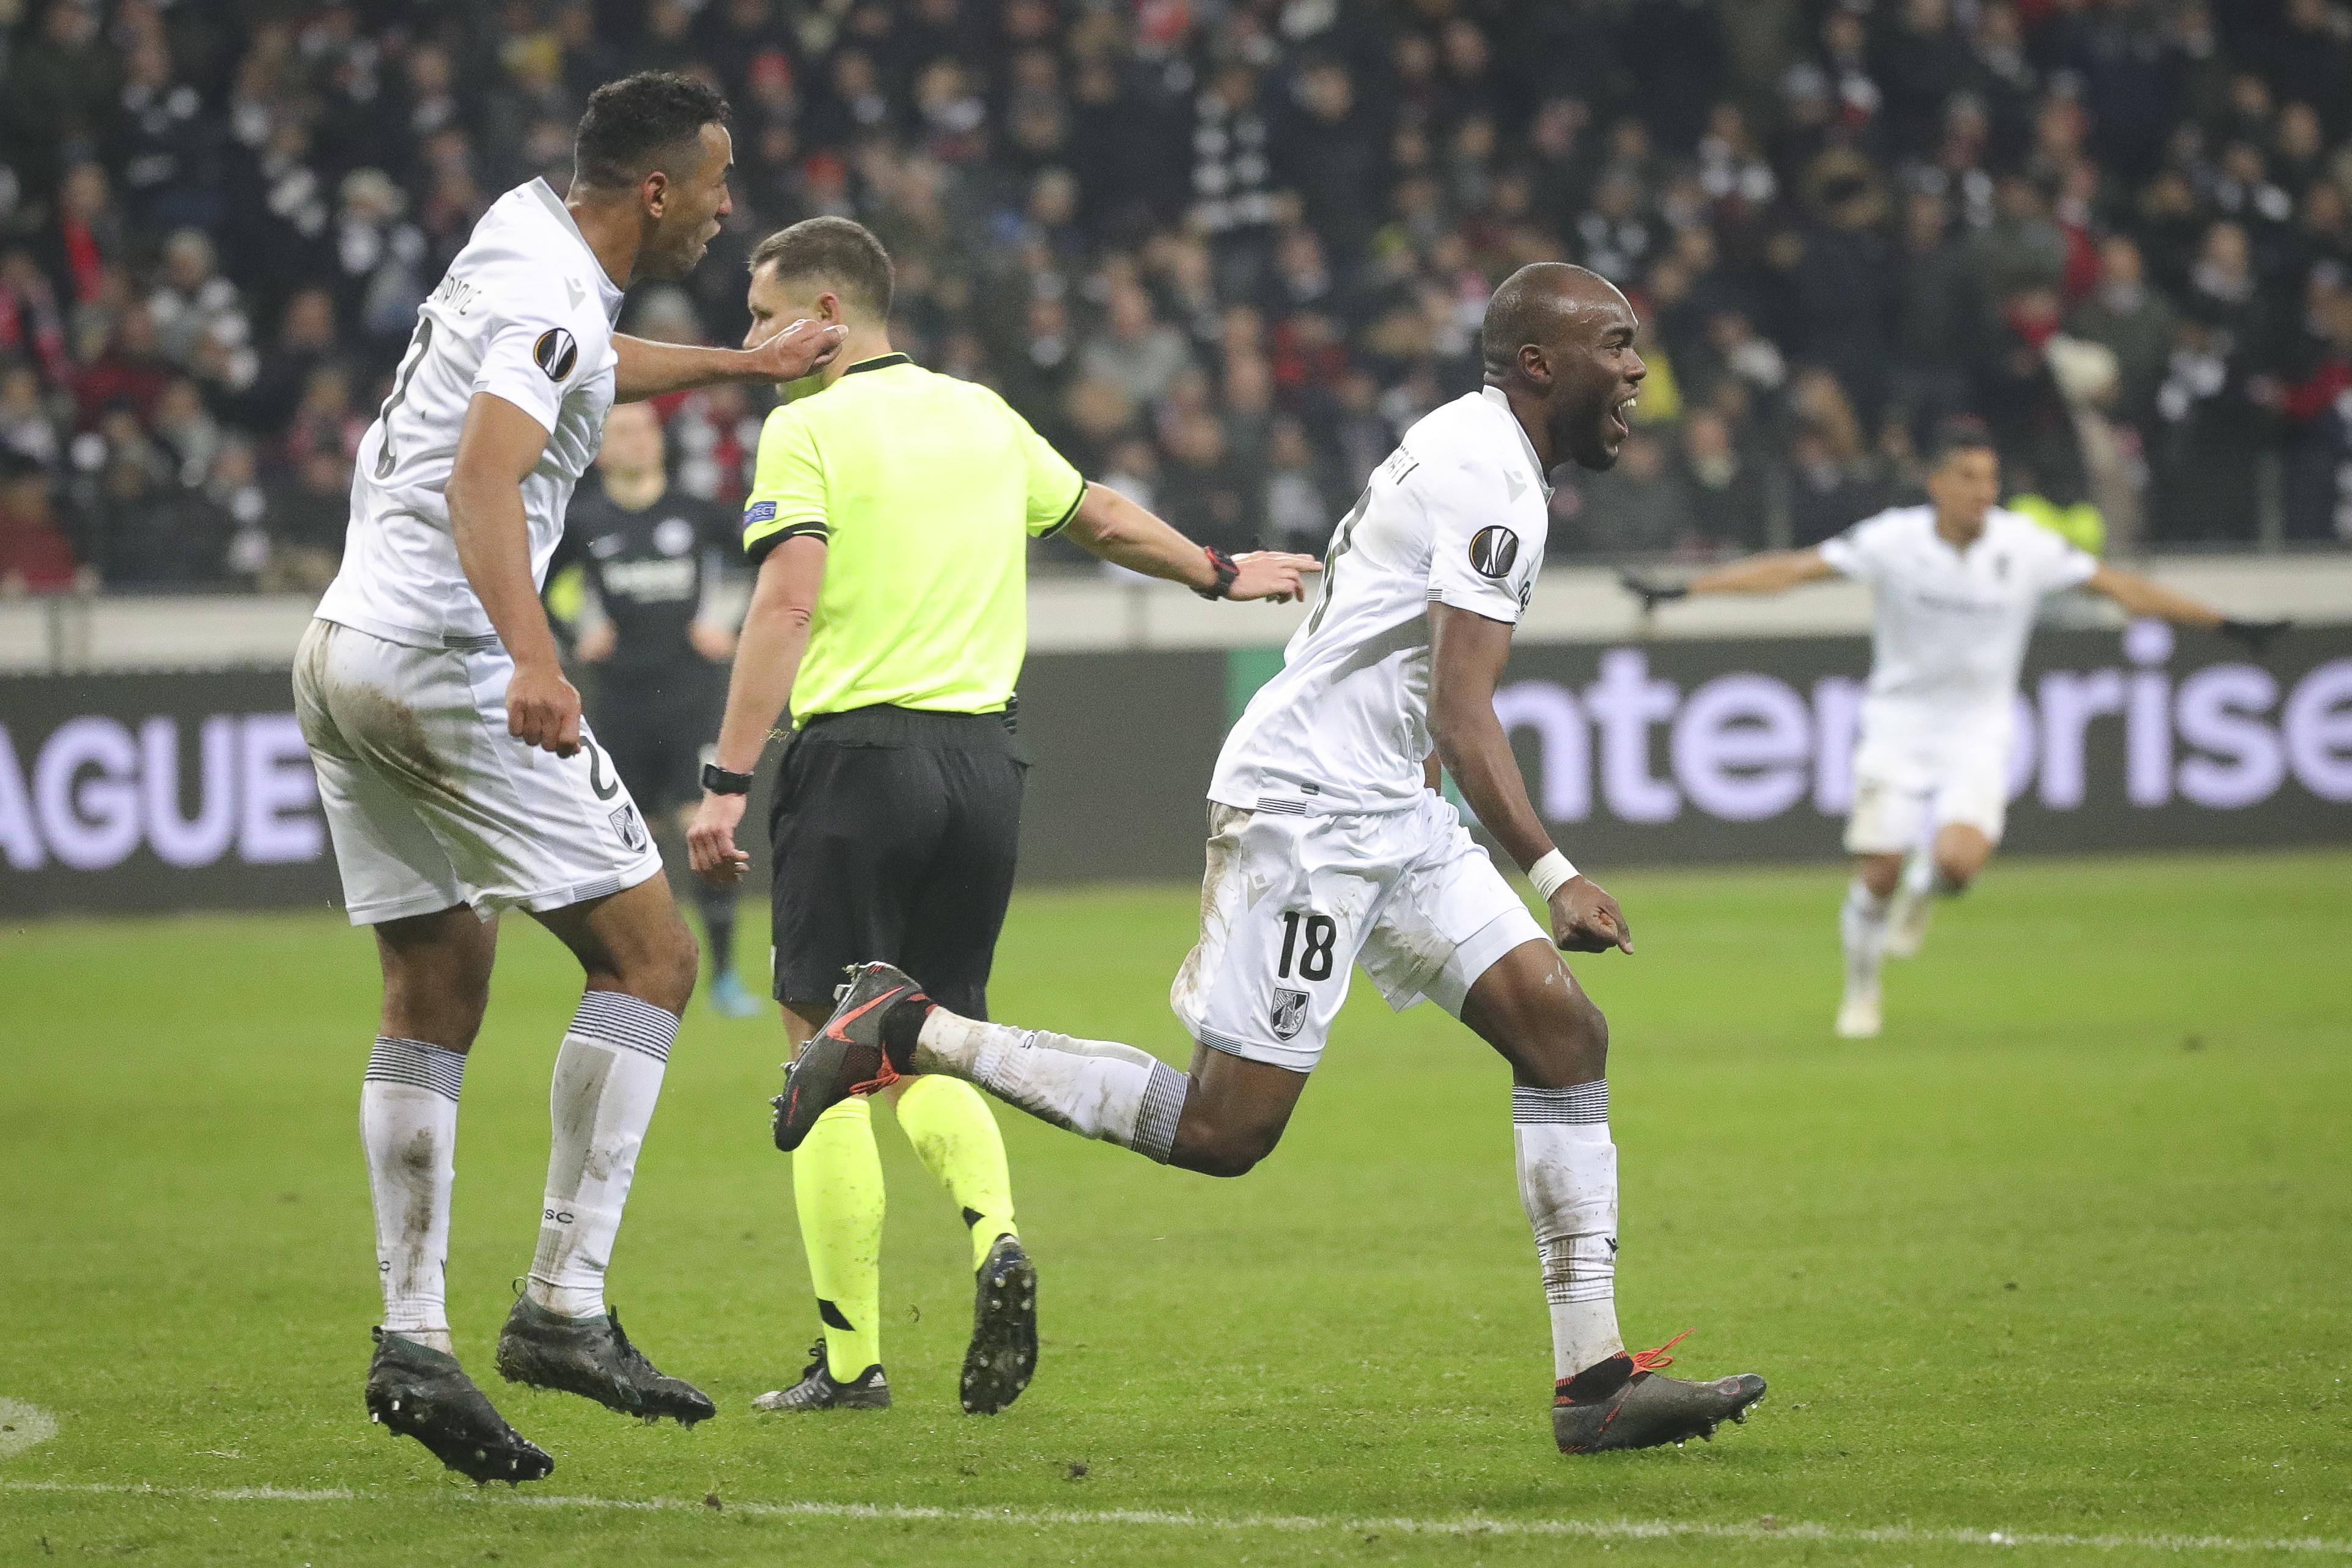 Vitória de Guimarães despede-se da Liga Europa com triunfo em Frankfurt